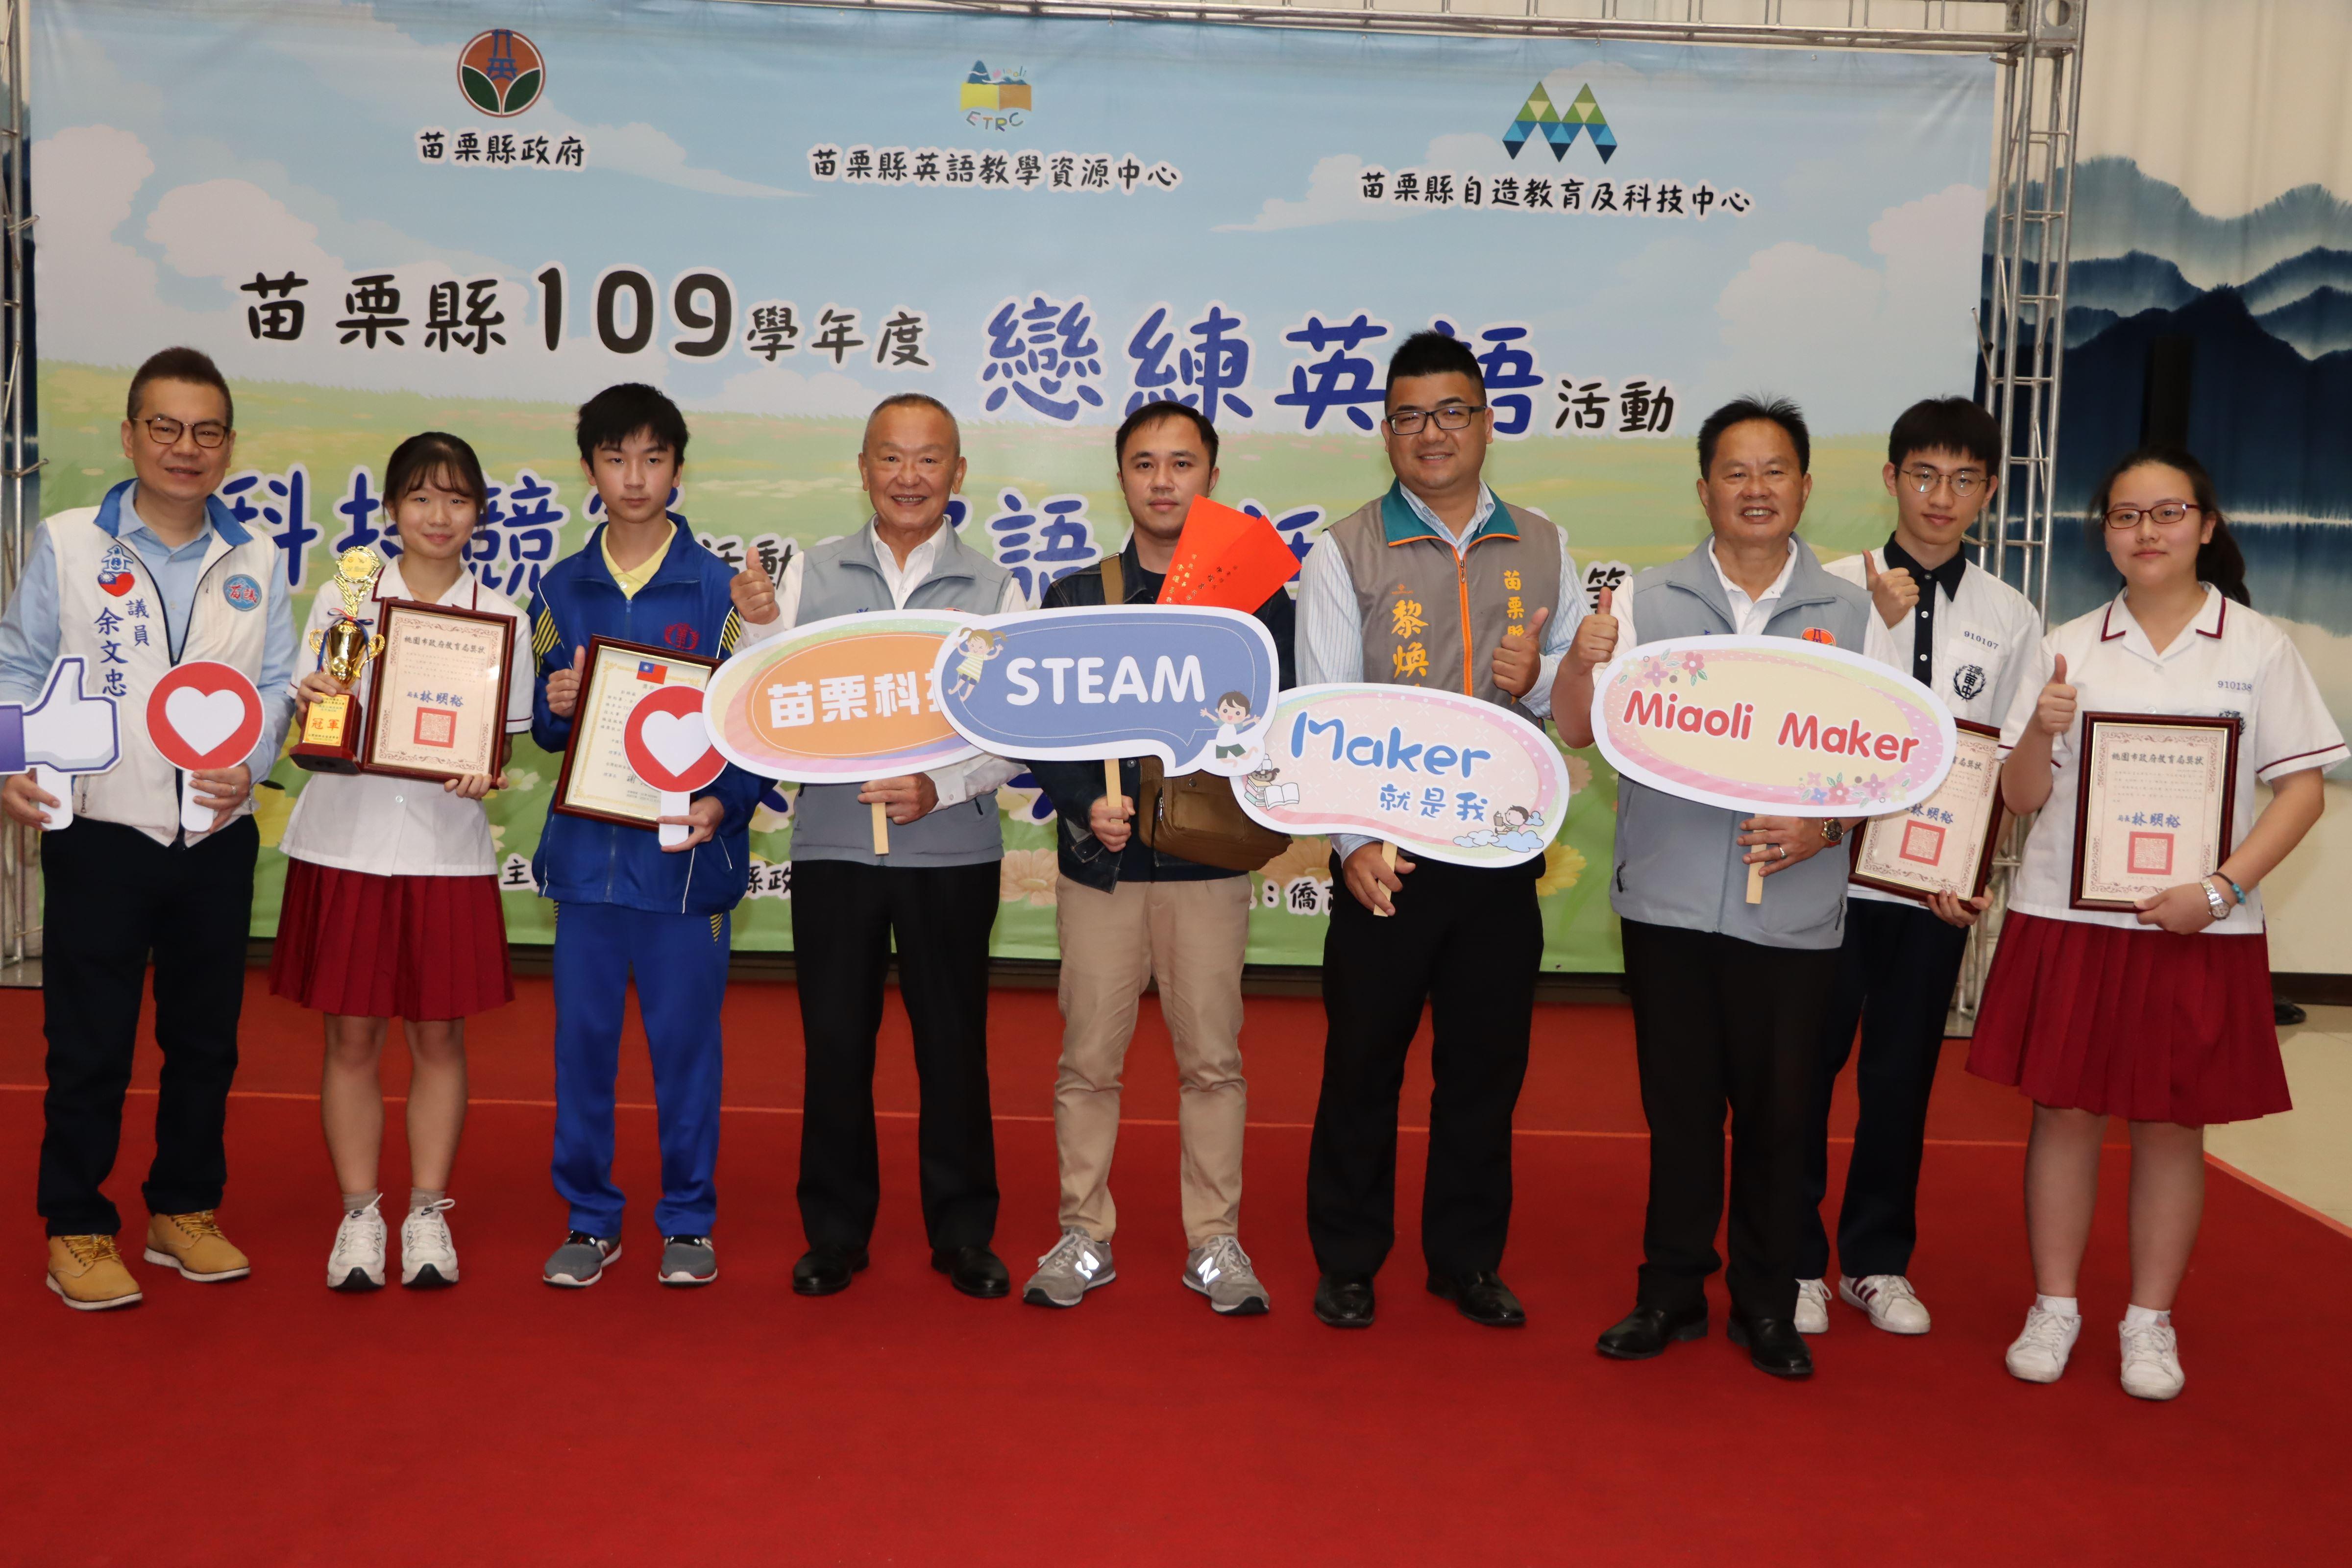 10縣府-表揚全國機器人極速挑戰高中職組獲獎學生IMG_7032.JPG